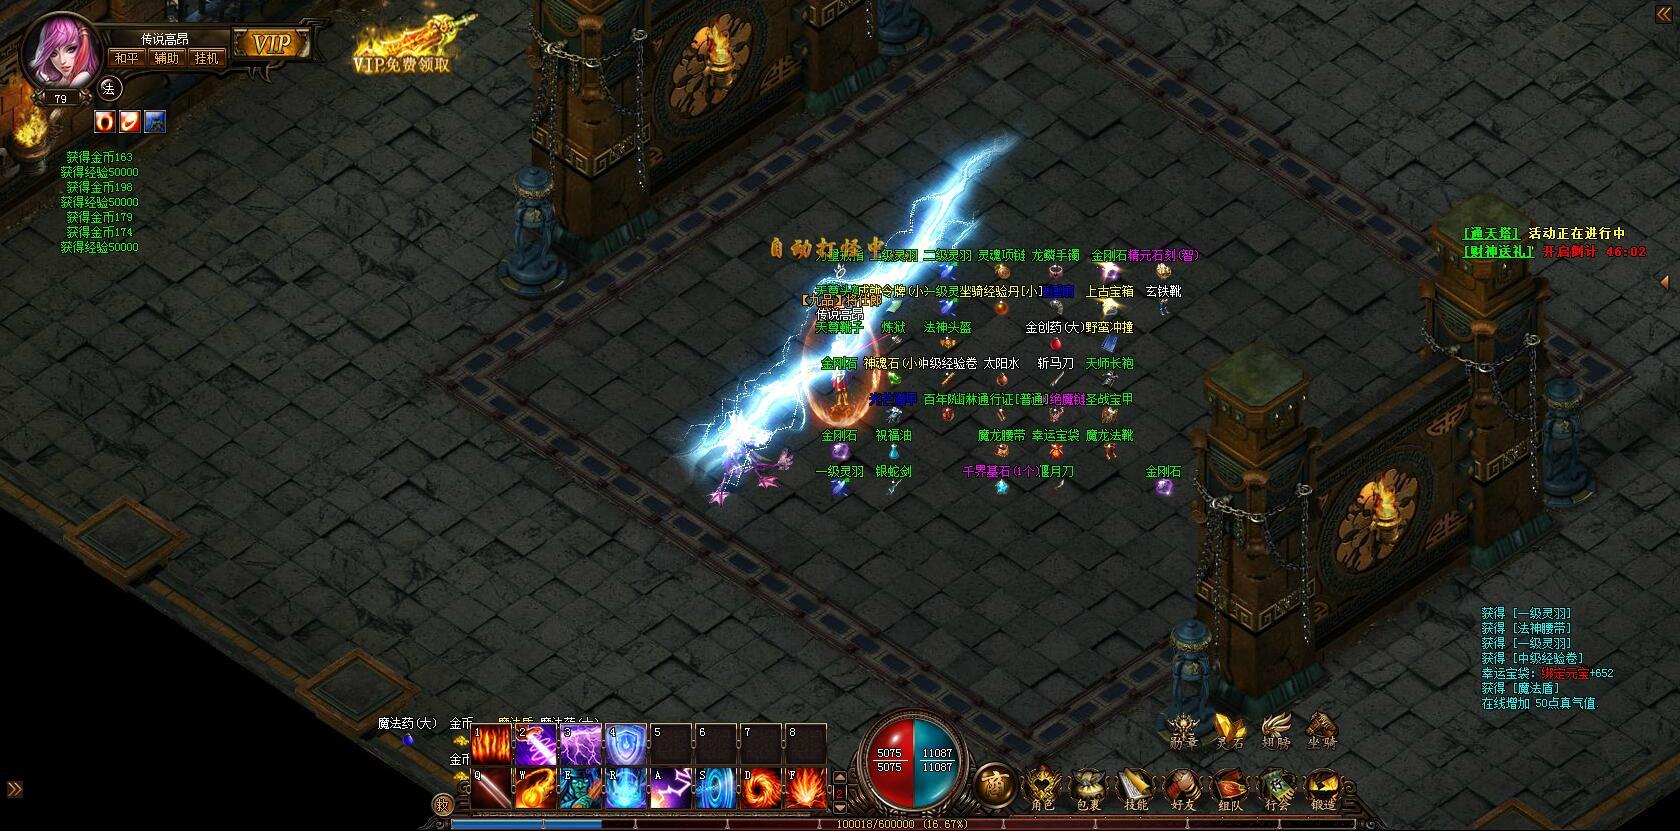 攻城争霸游戏截图5